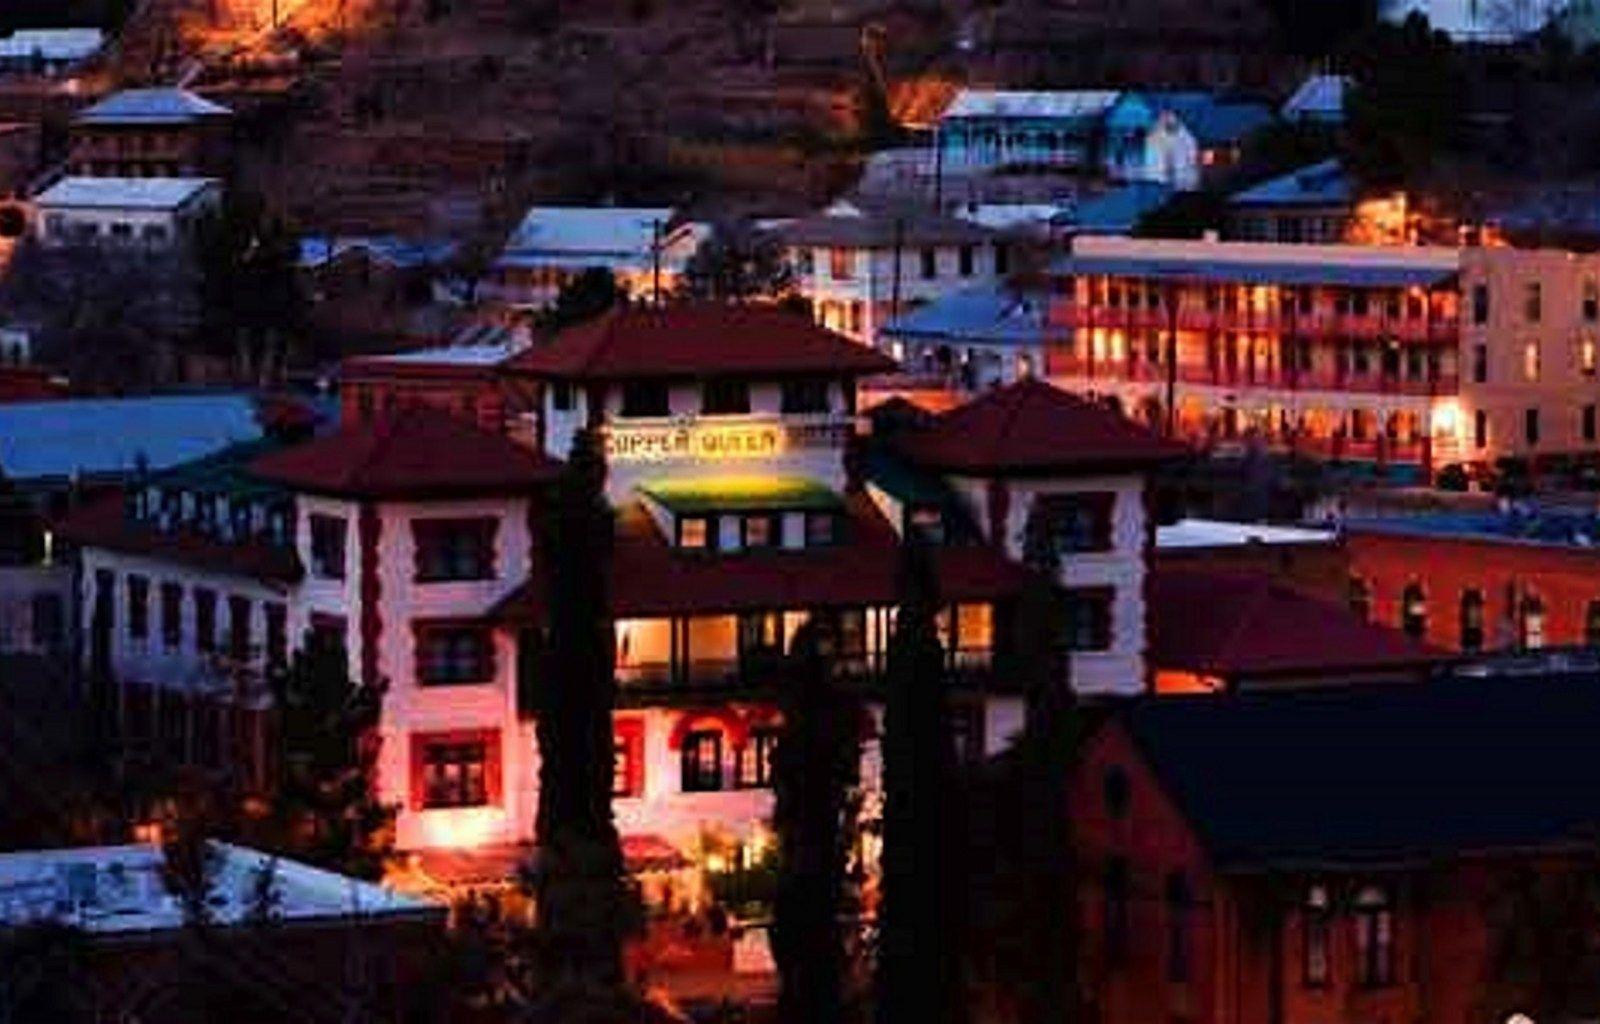 Copper Queen Hotel Bisbee Az